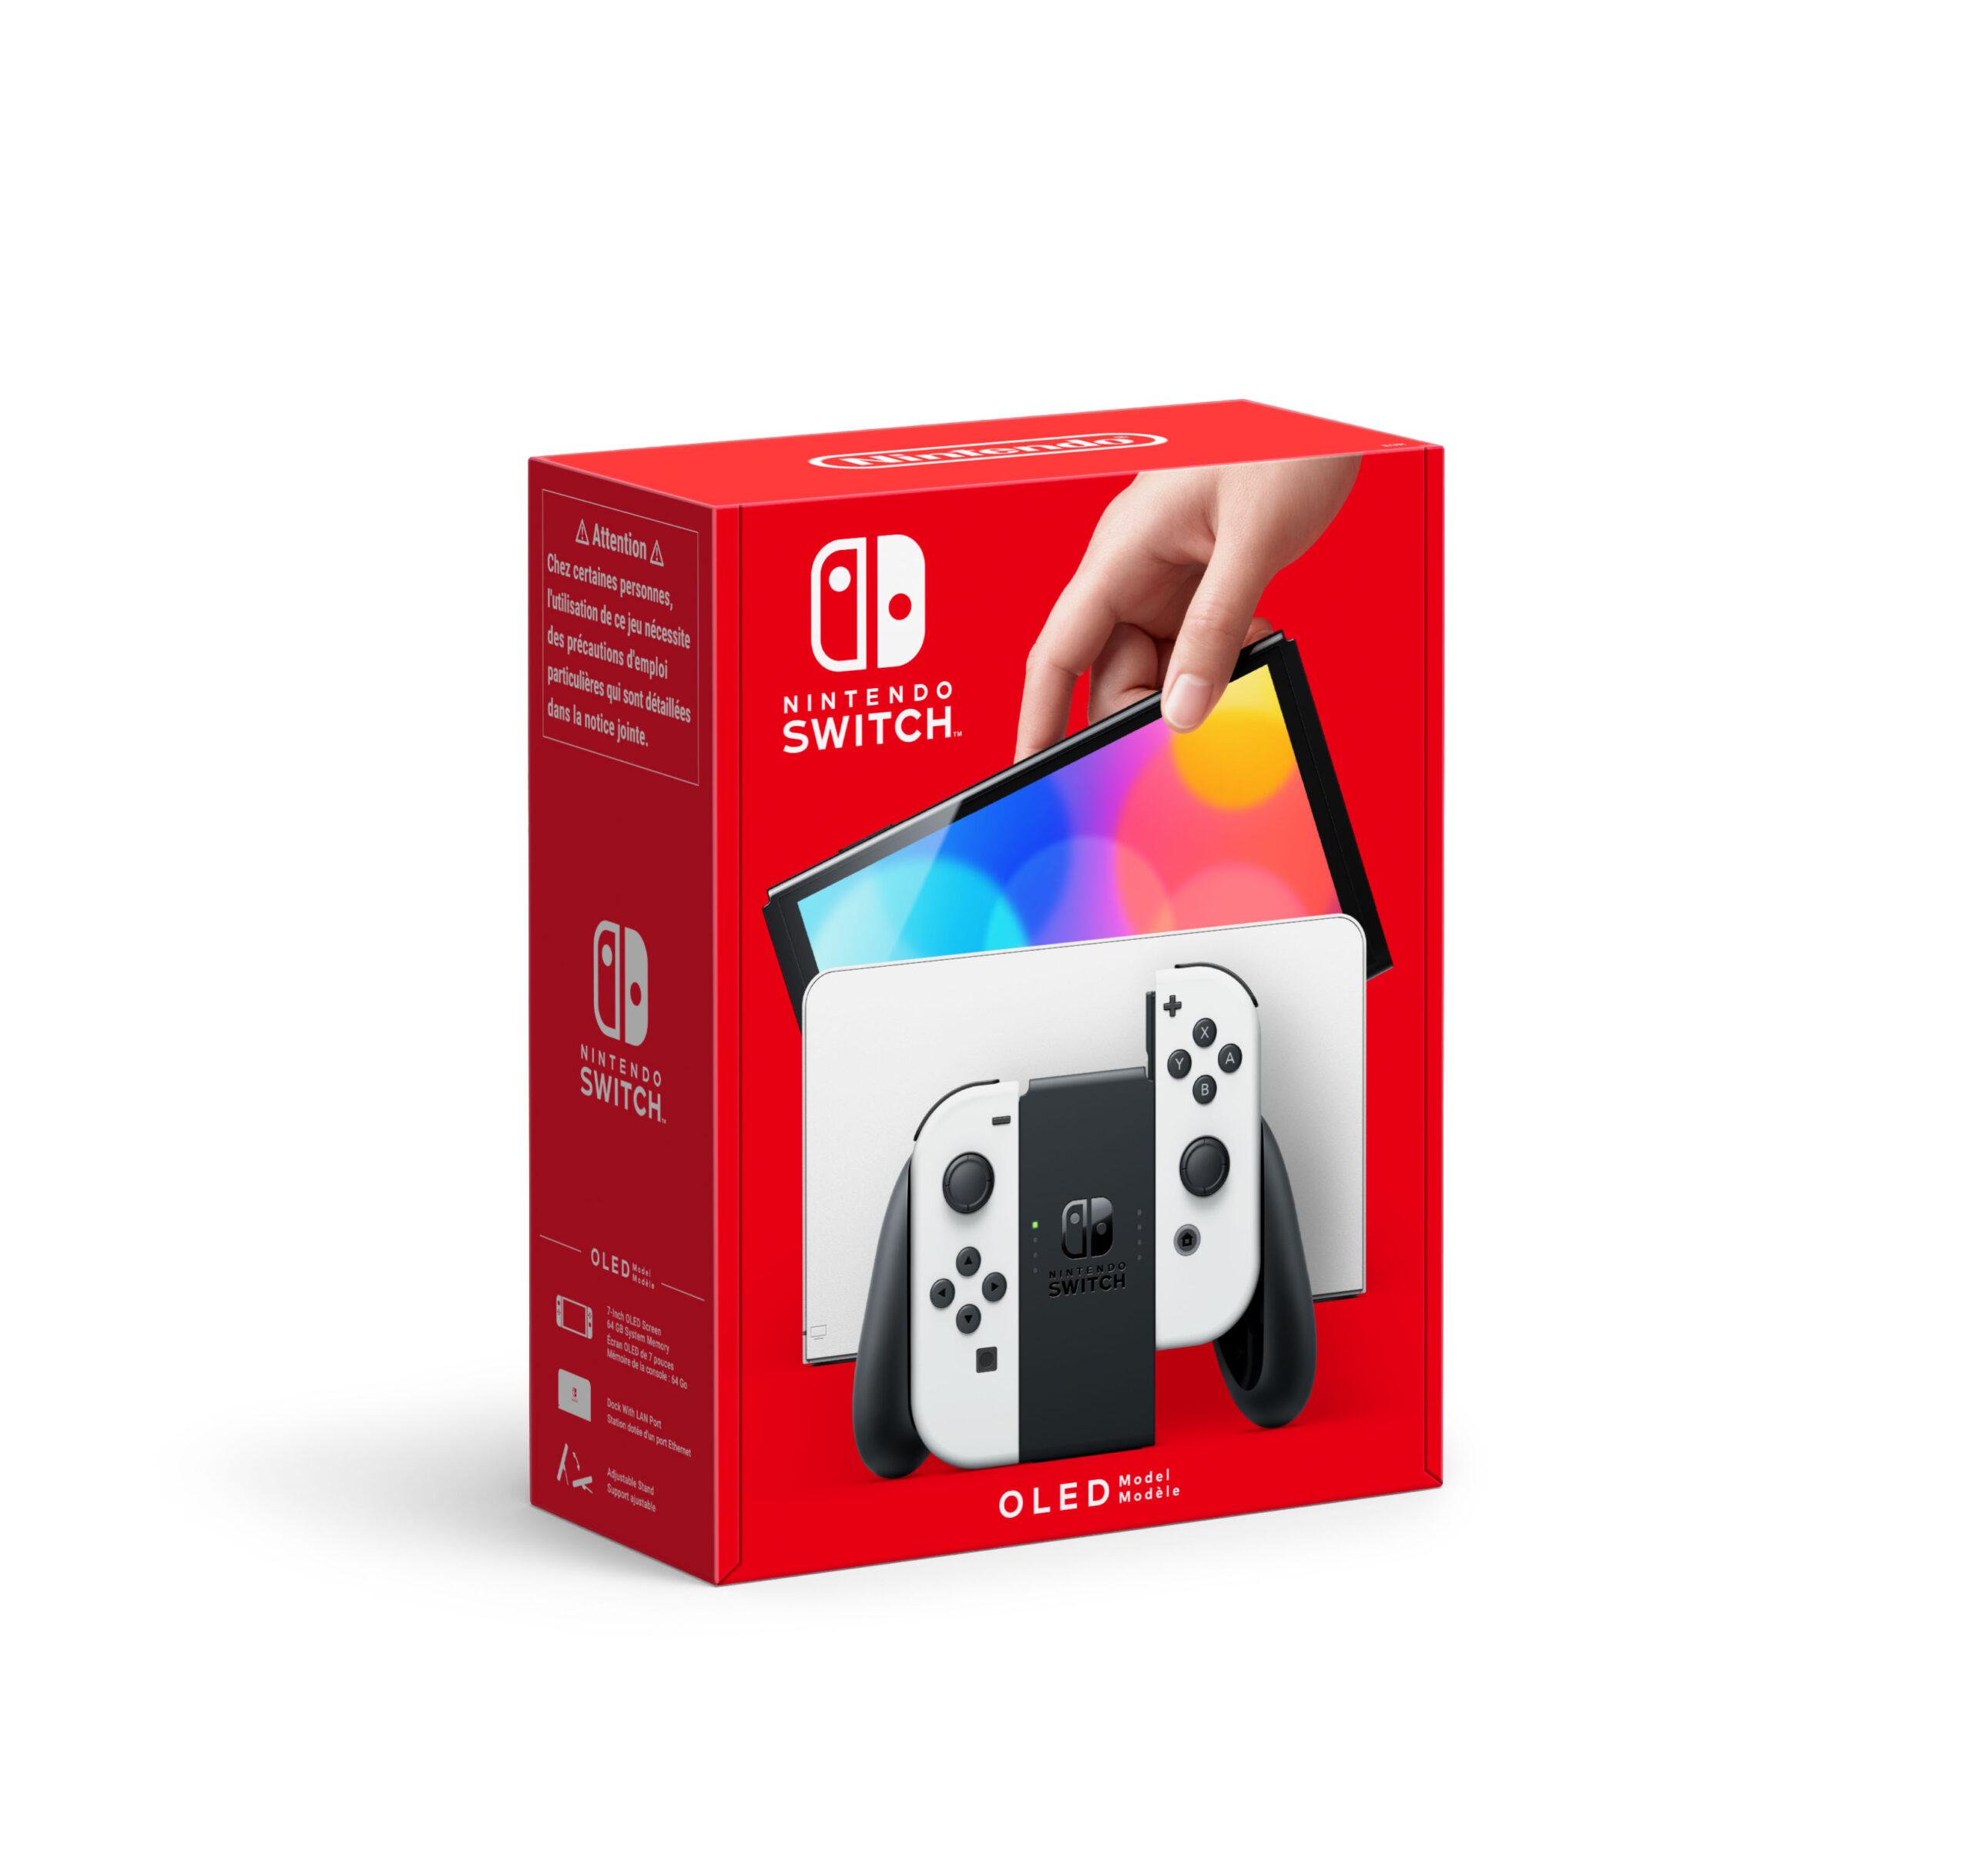 Nintendo Switch modello OLED, Bianco/Nero